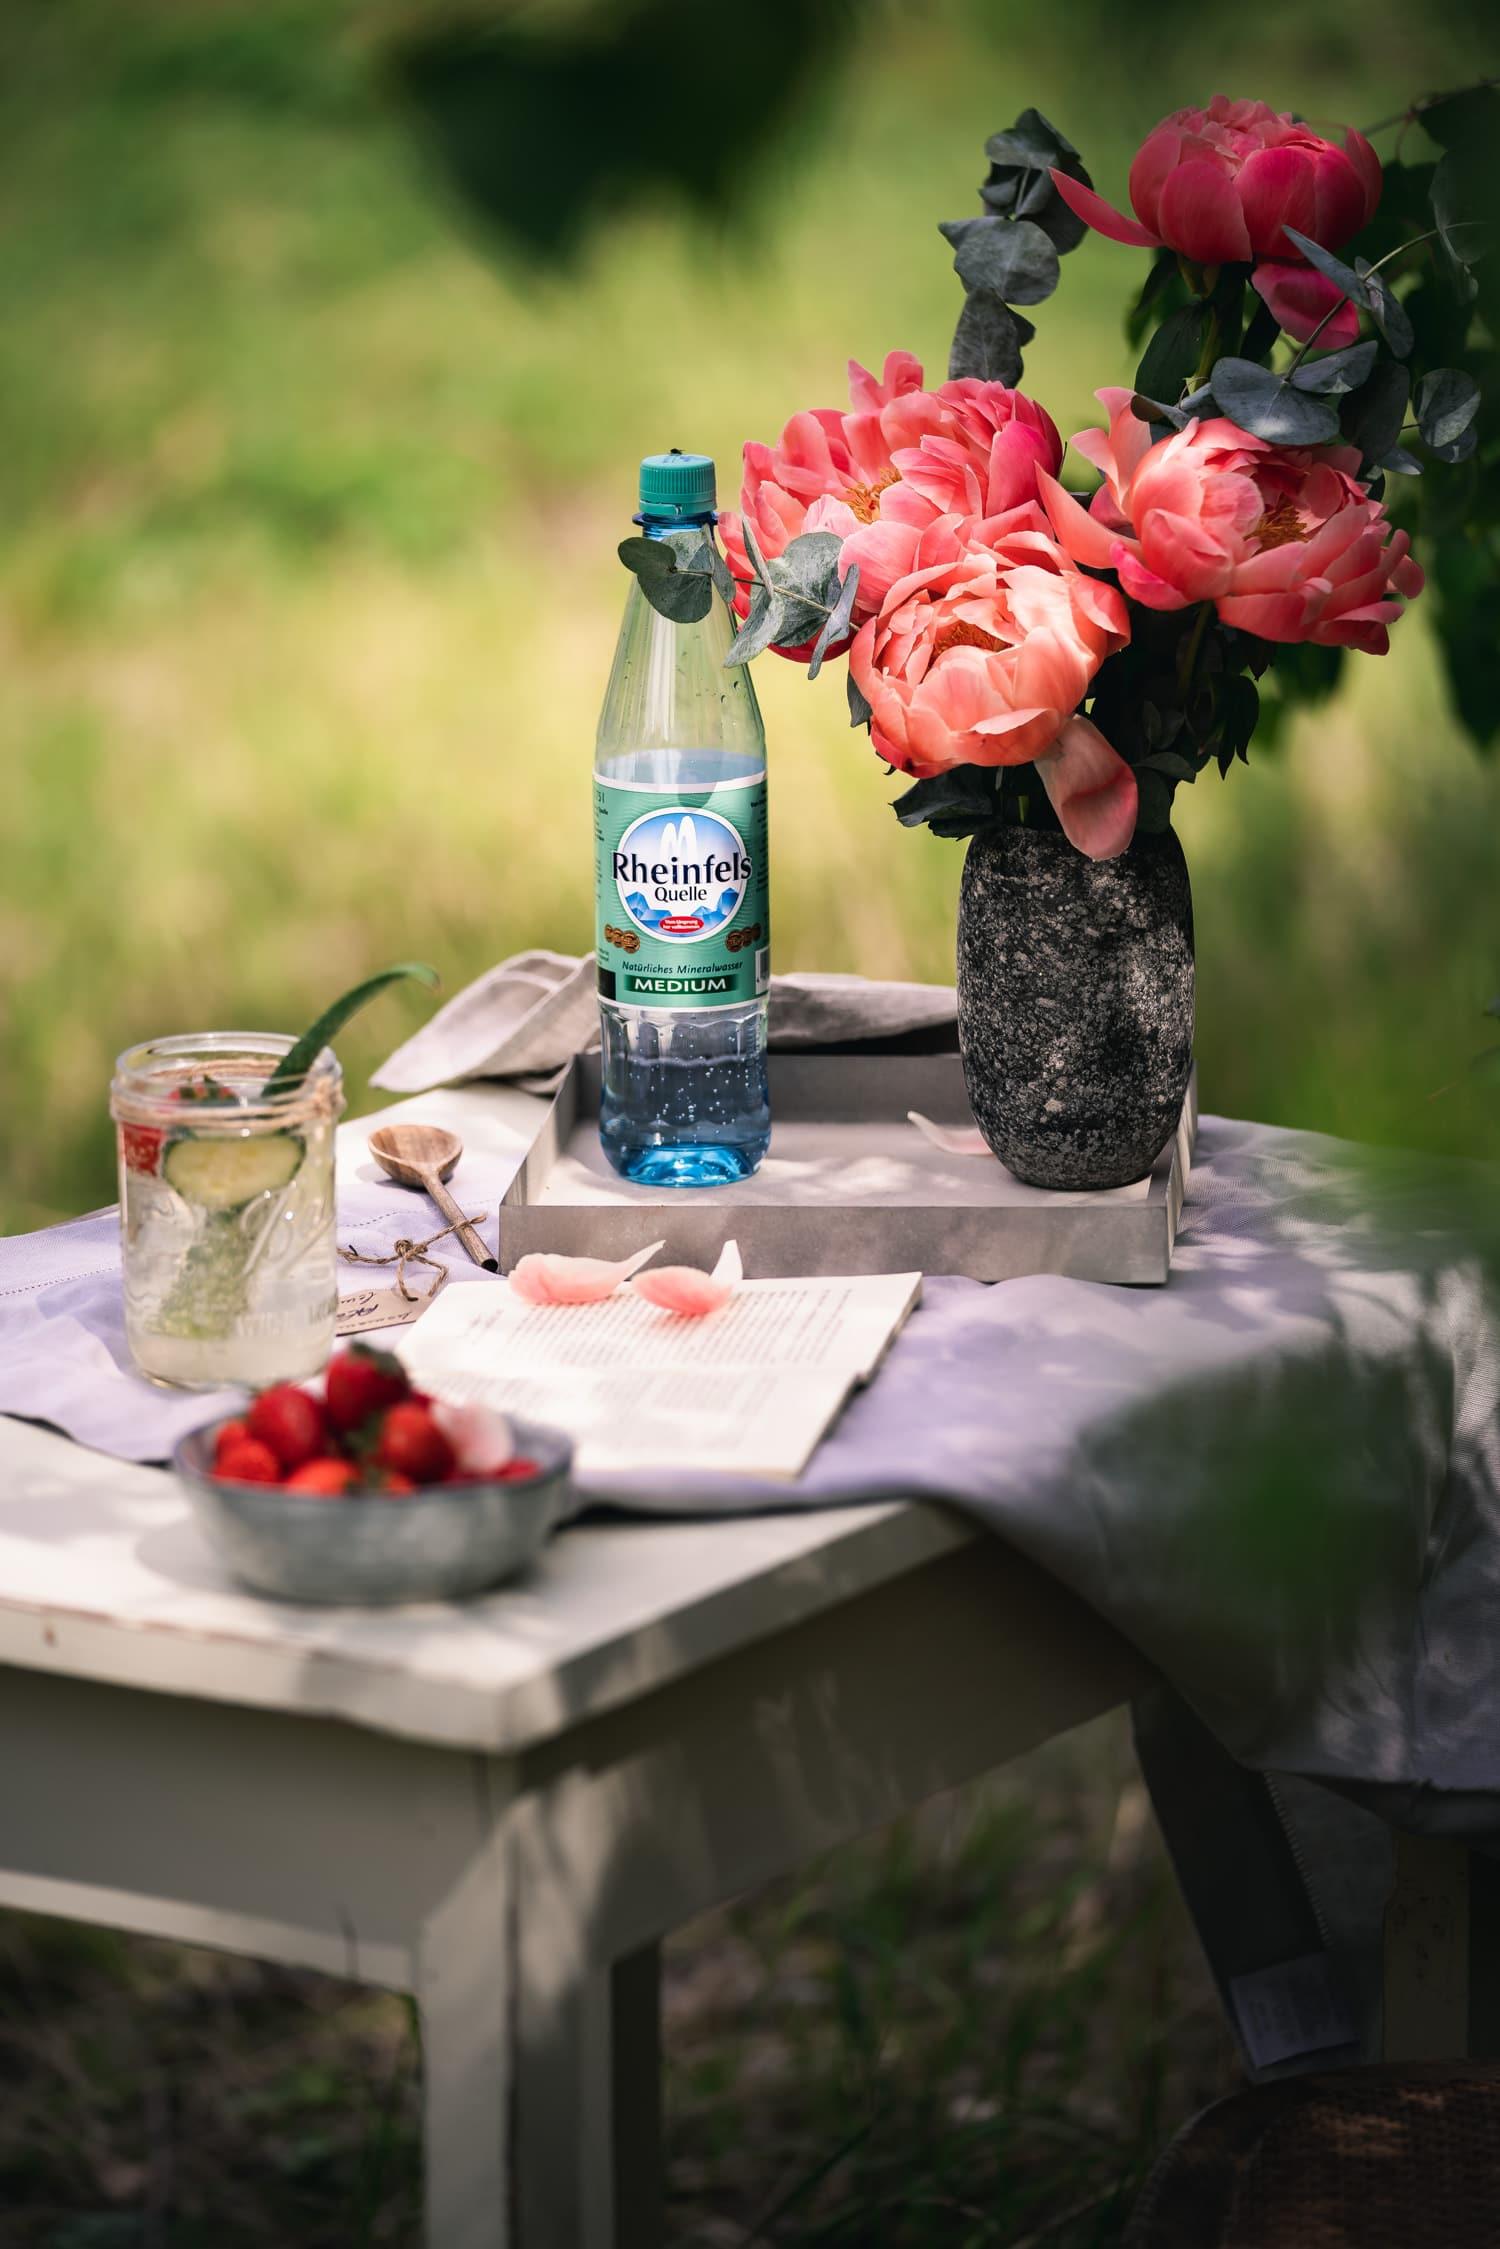 Der Rheinfels Quelle Sommer Drink: Aloe Vera Saft, Erdbeeren und Mineralwasser - Plantiful Skies